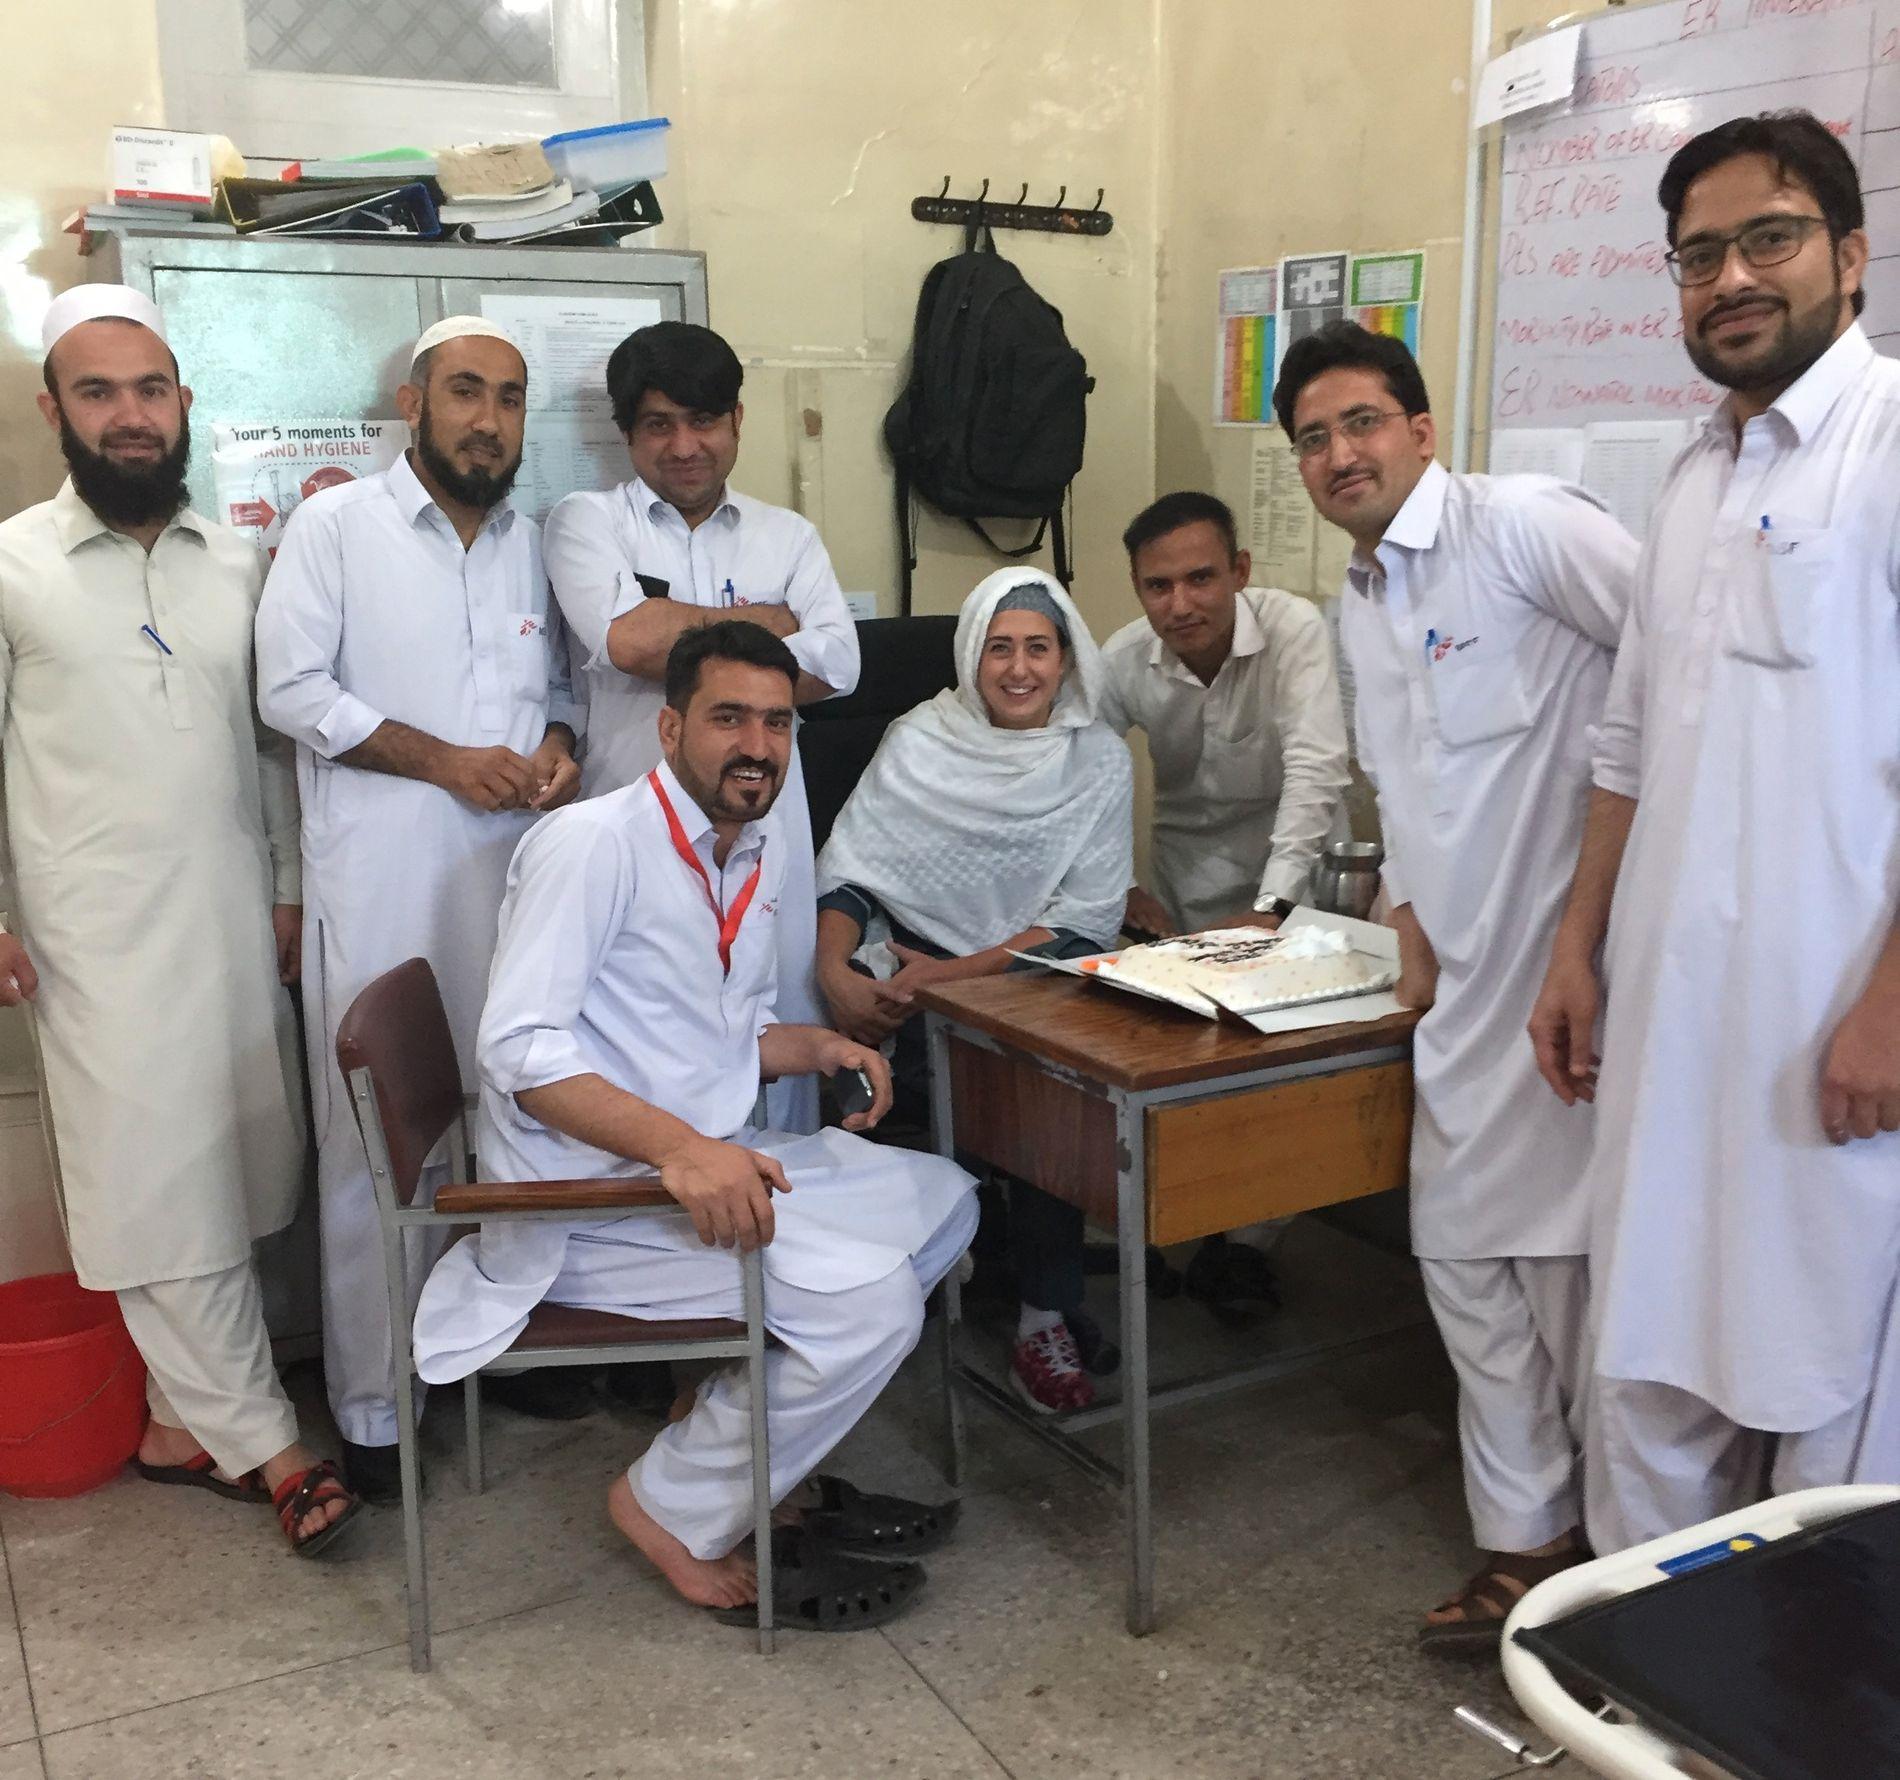 AKUTTMOTTAKET: Her er Fride Bysveen Lier sammen med sine kolleger på det pakistanske akuttmottaket der de tok imot barn med meslinger.